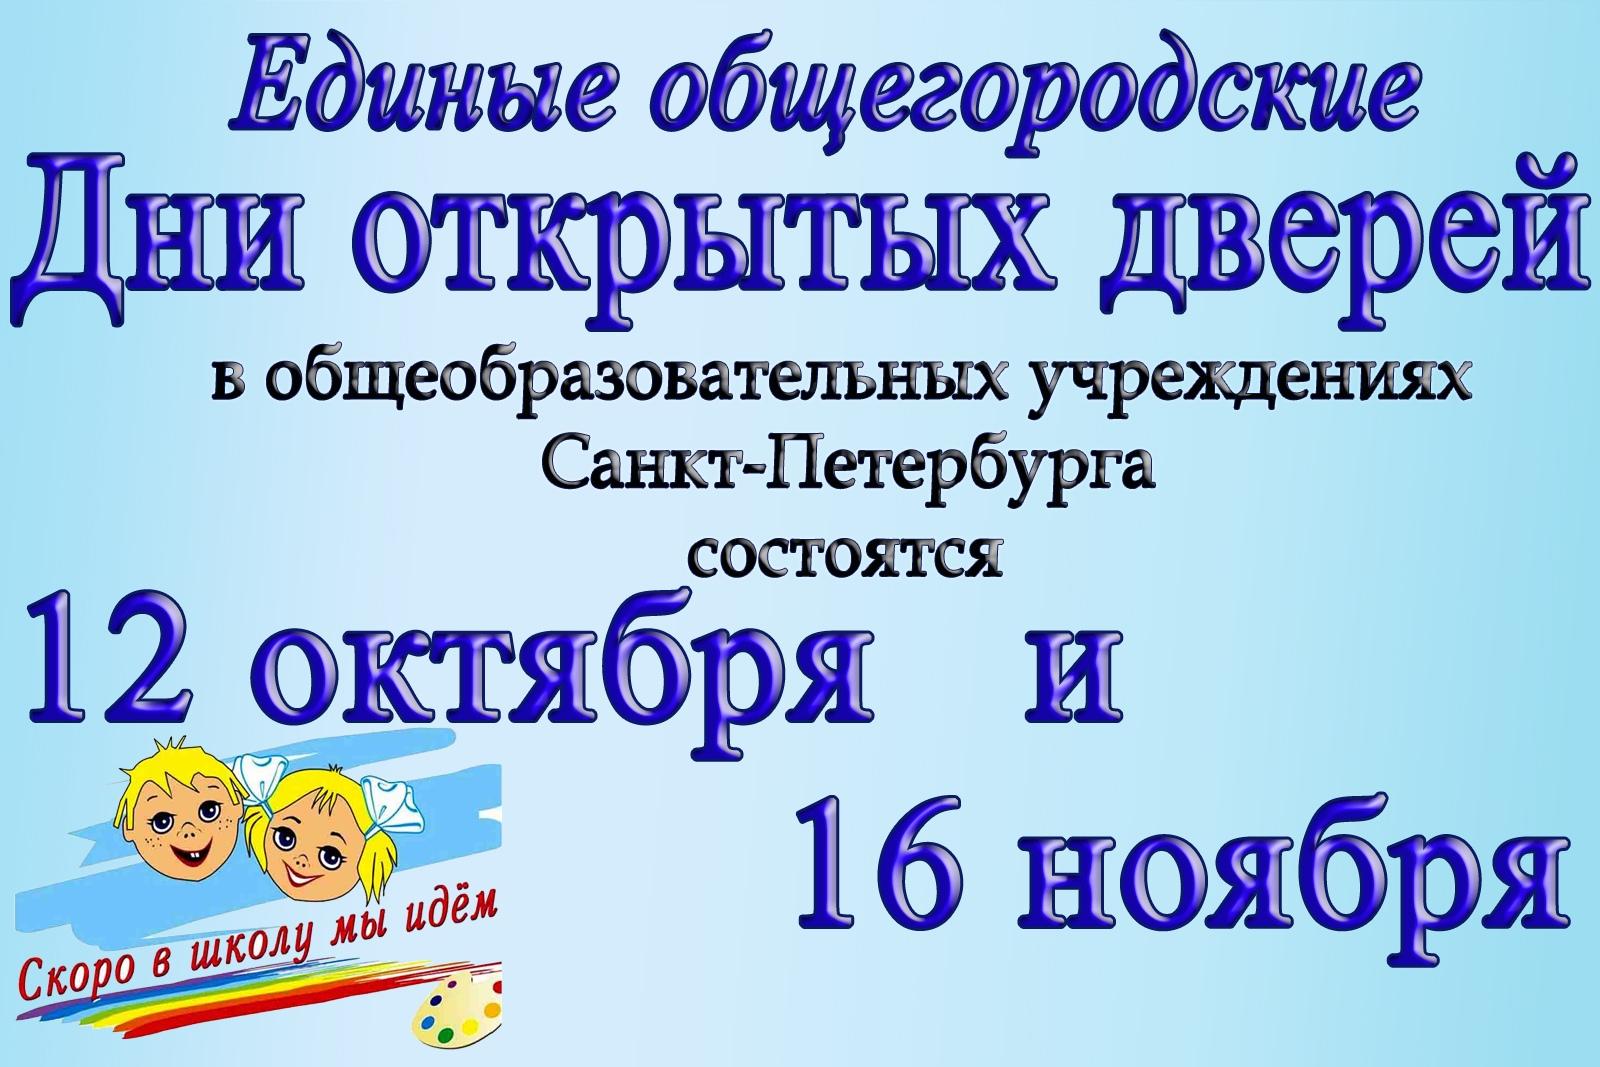 Дни открытых дверей пройдут 12 октября и 16 ноября